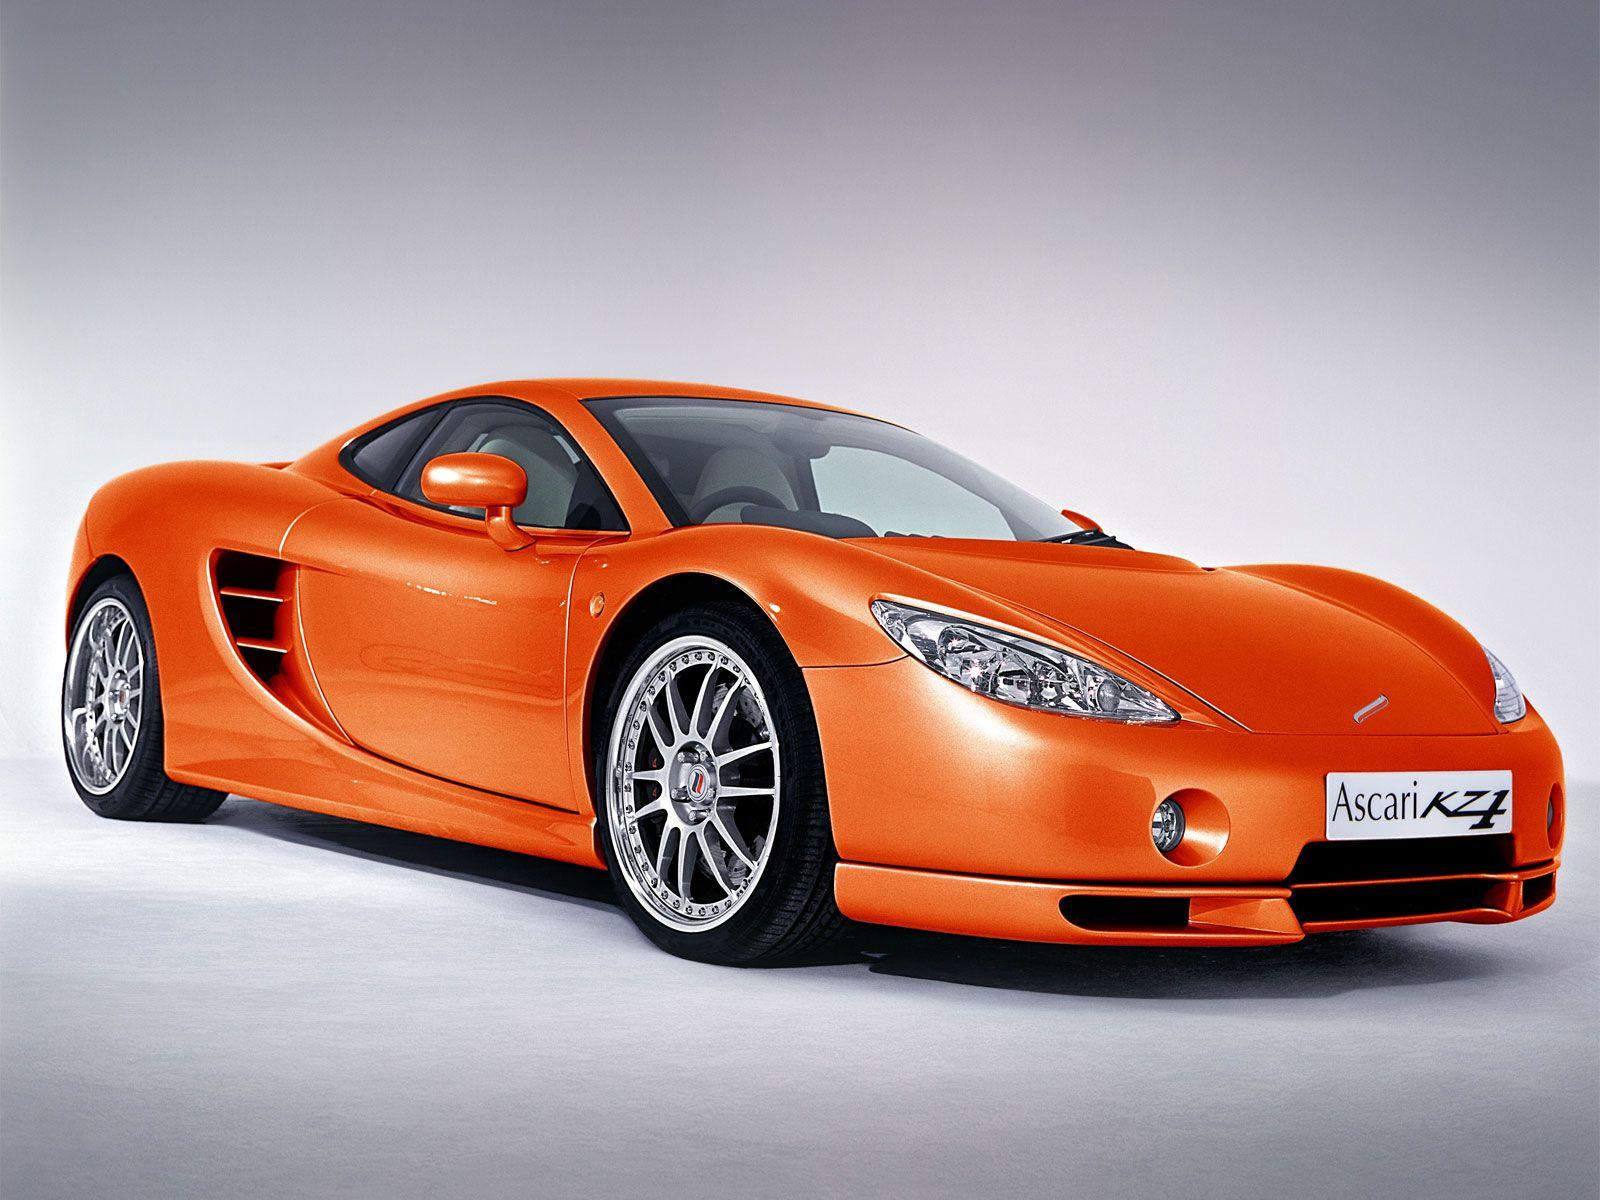 Ascari Cars | ... cars for the road including ascari ecosse ascari ...